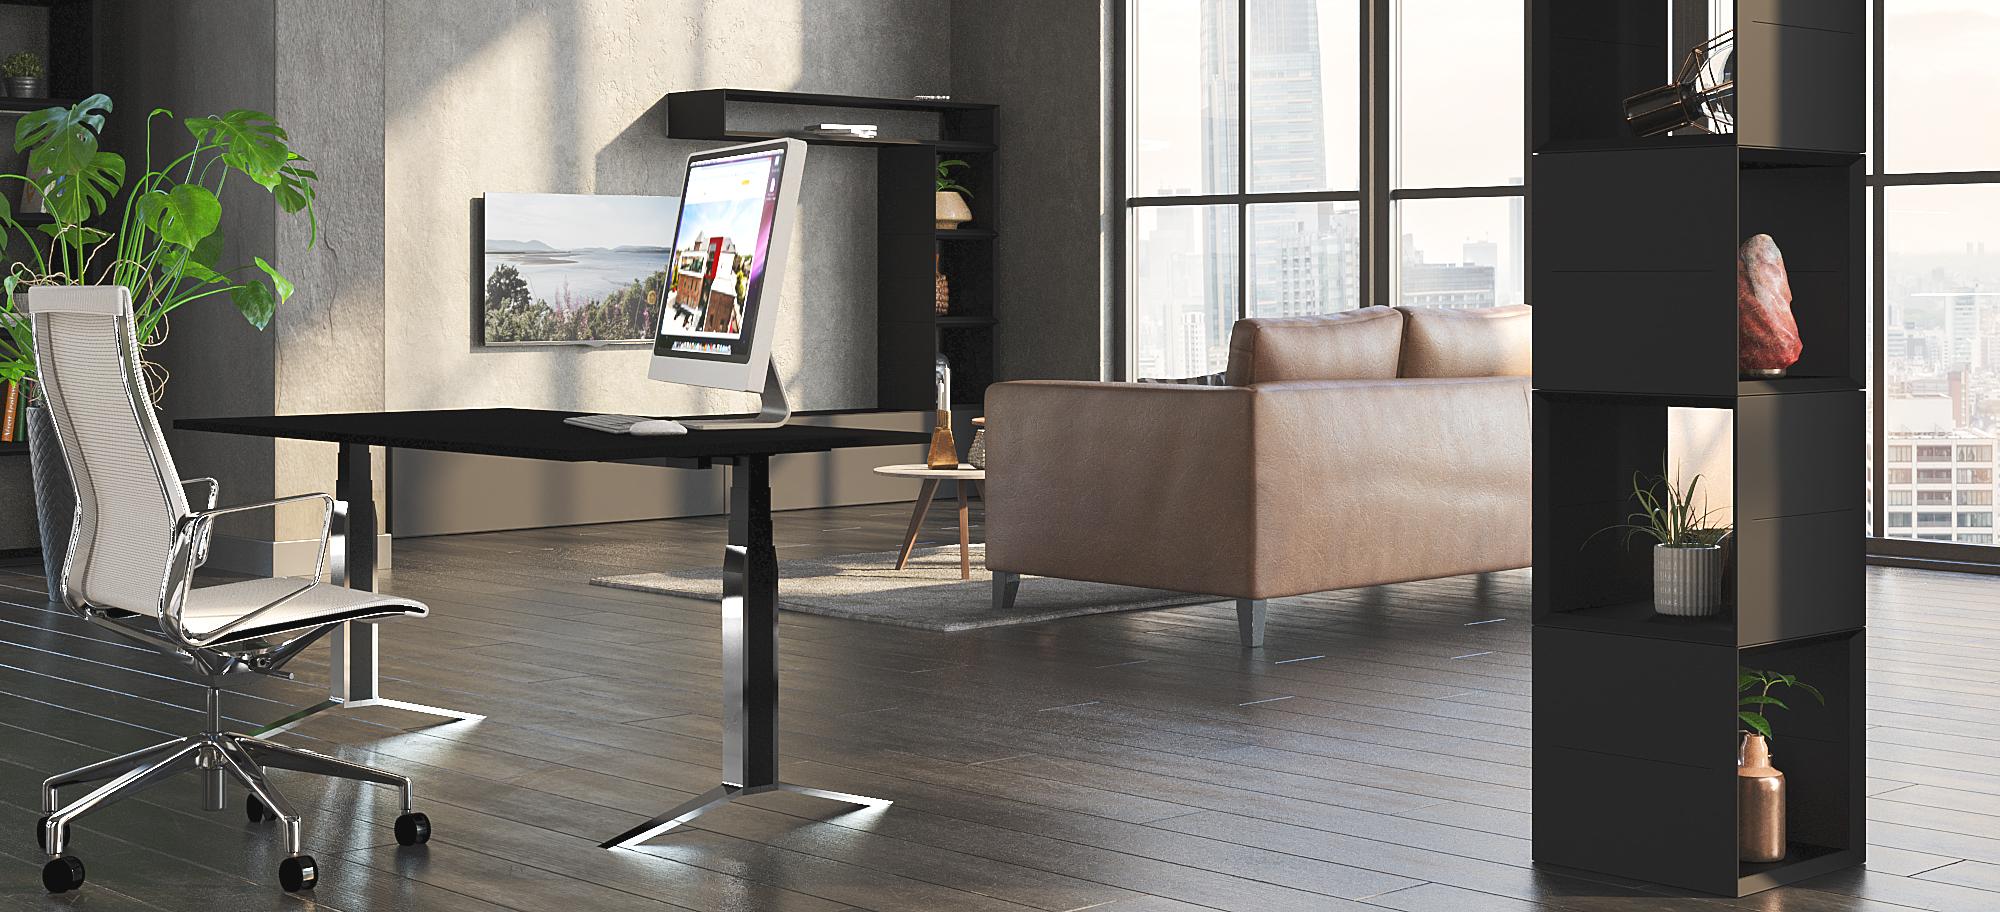 Steh-Sitz Schreibtisch Masterlift 5 Füße und Hubsäulen verchromt